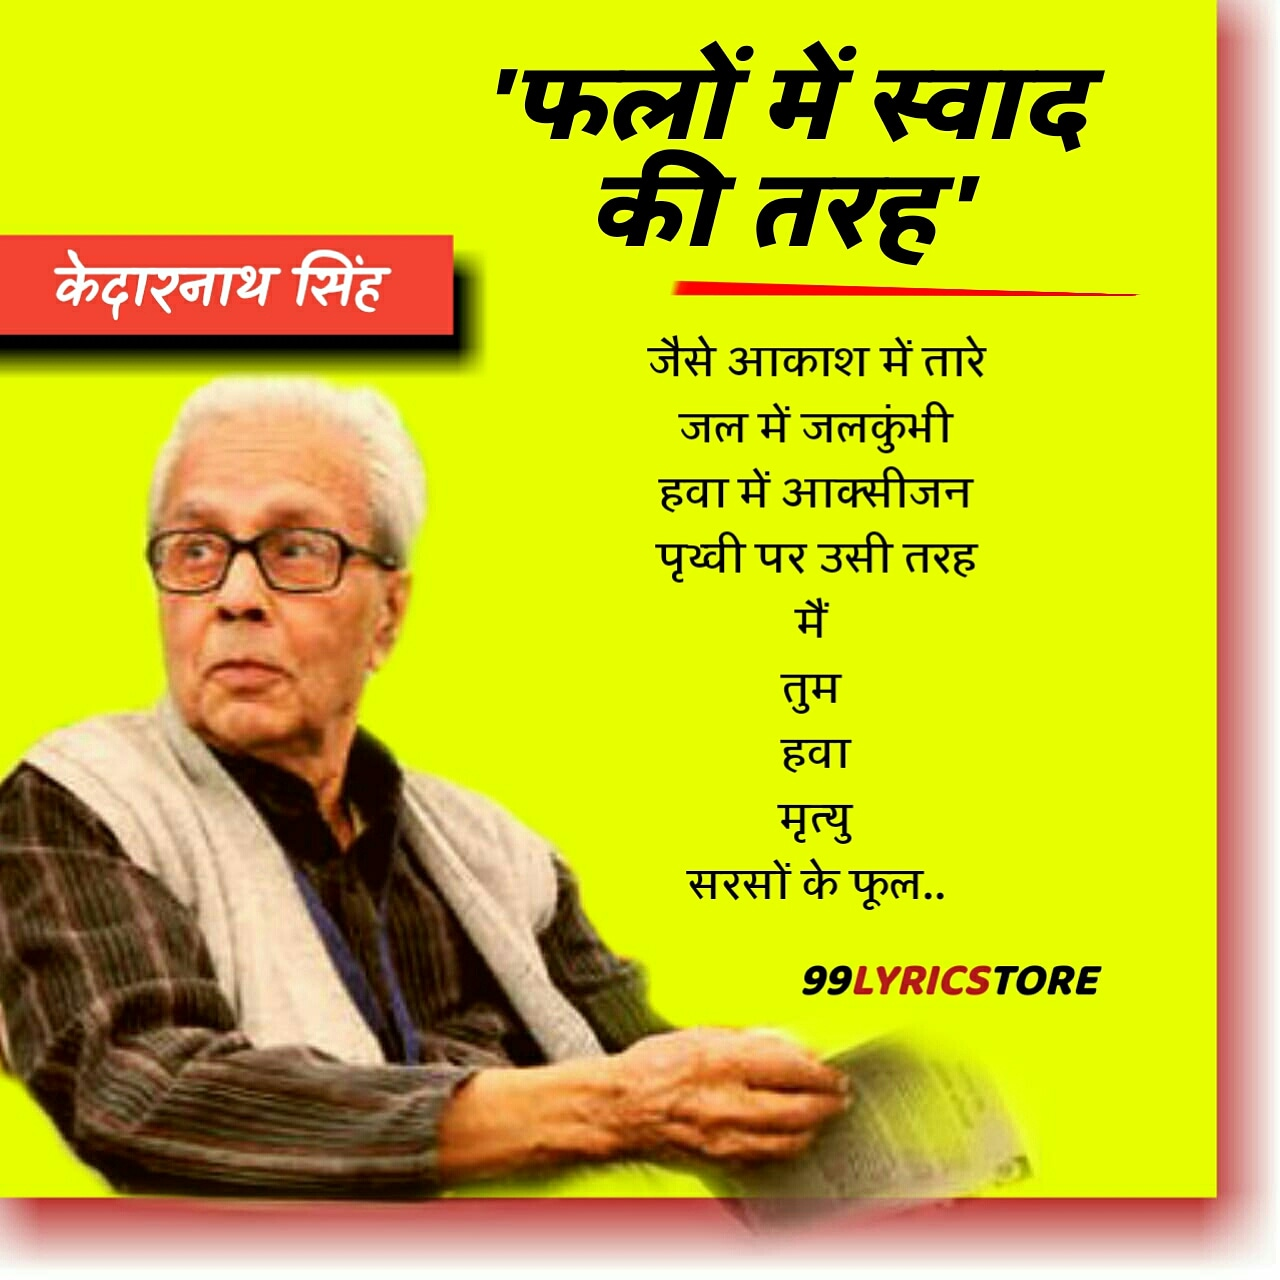 केदारनाथ सिंह की हिन्दी कविता 'फलों में स्वाद की तरह' इनके प्रसिद्ध कविता-संग्रह 'अकाल में सारस' से ली गई है।